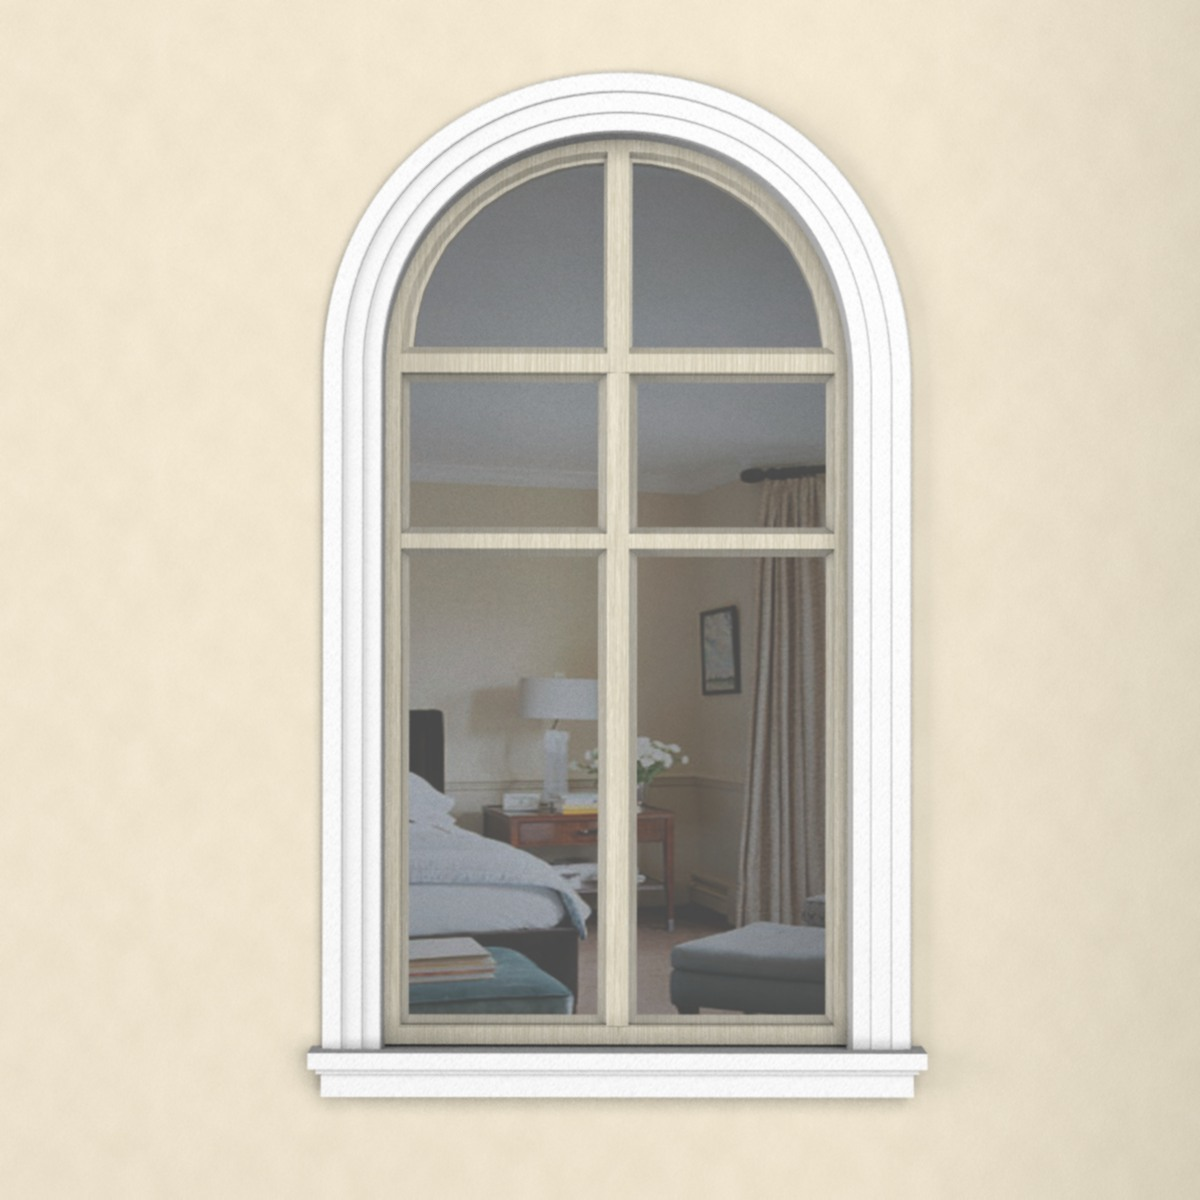 Пластиковое окно с наличником из пенопласта